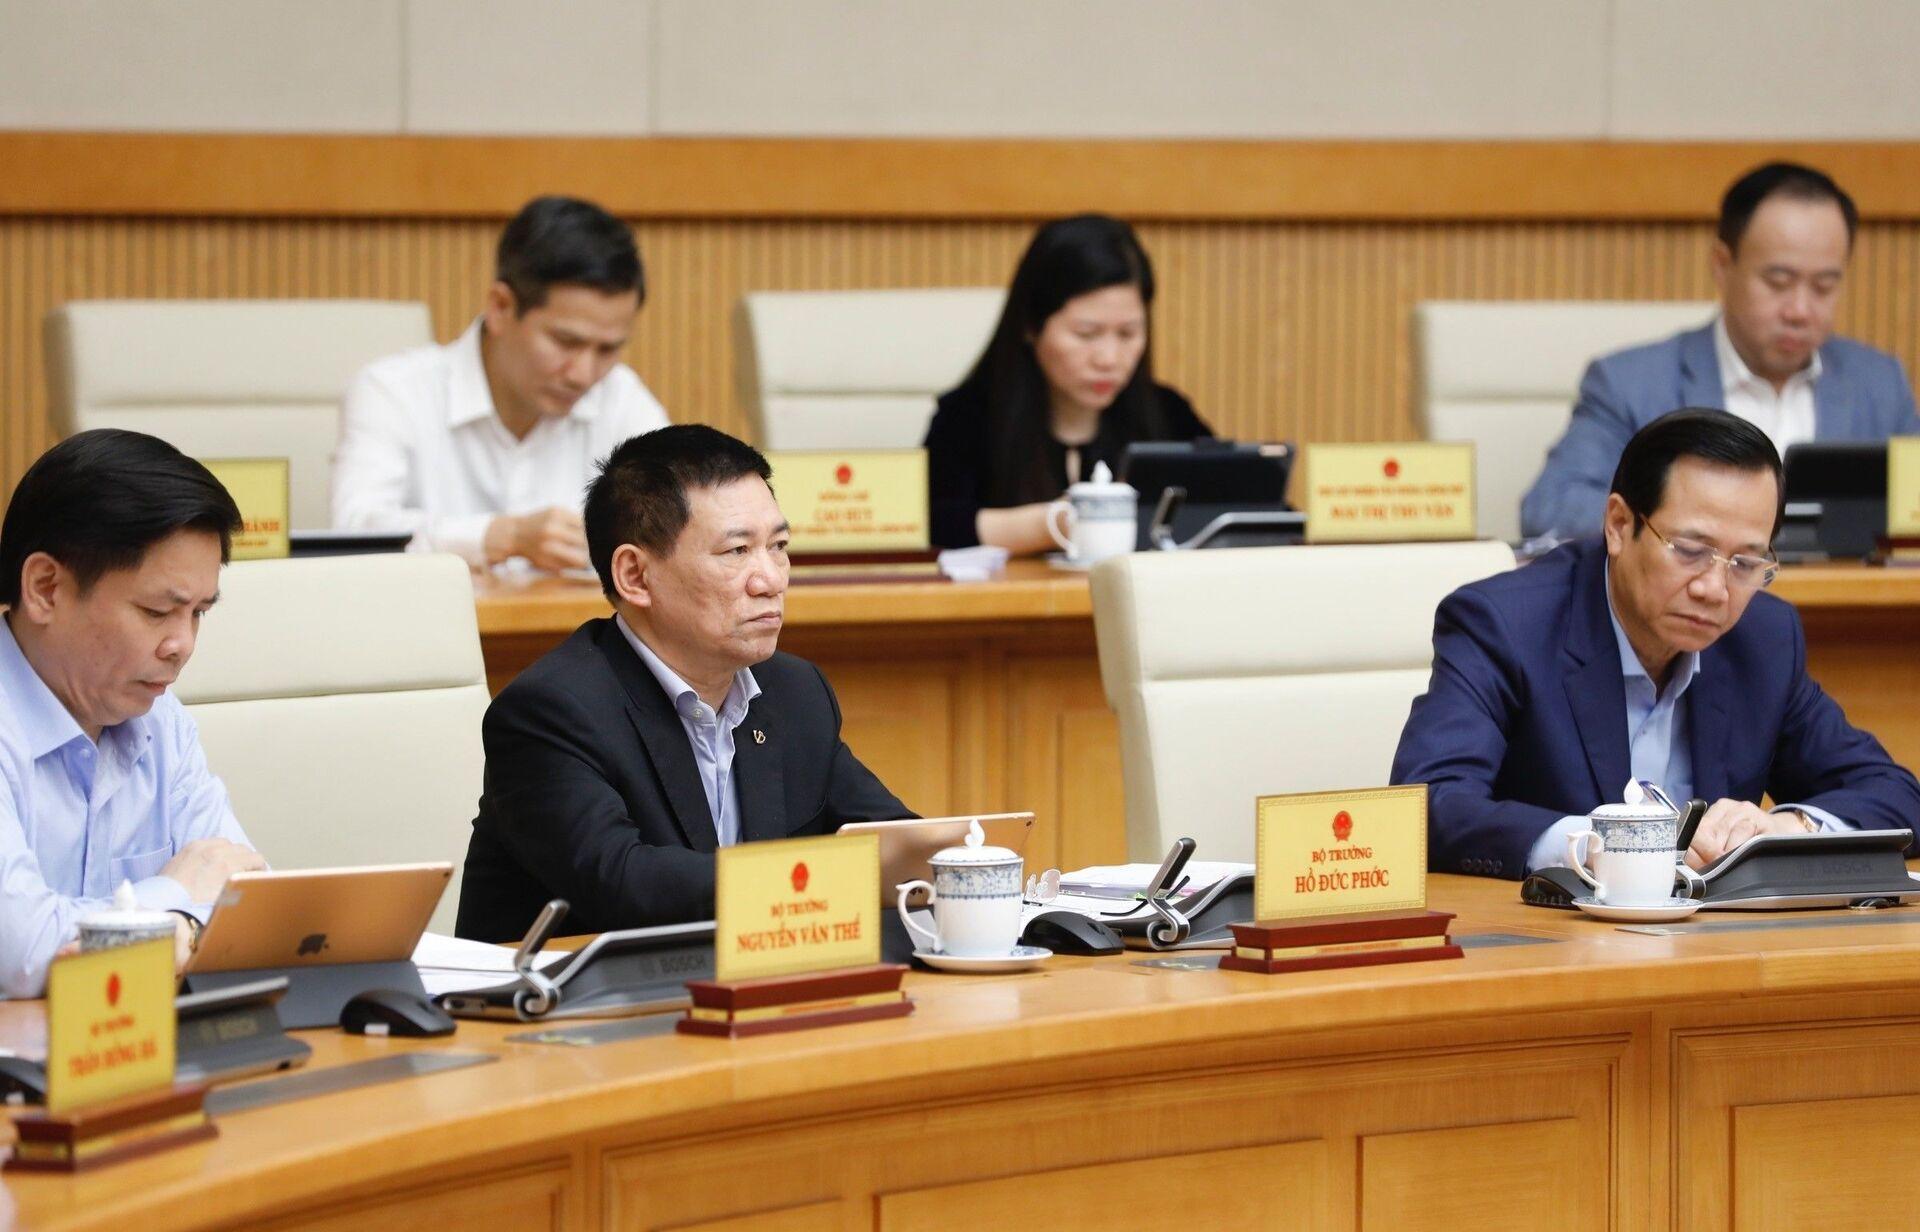 Thủ tướng nói gì trong phiên họp đầu tiên của Chính phủ mới? - Sputnik Việt Nam, 1920, 15.04.2021